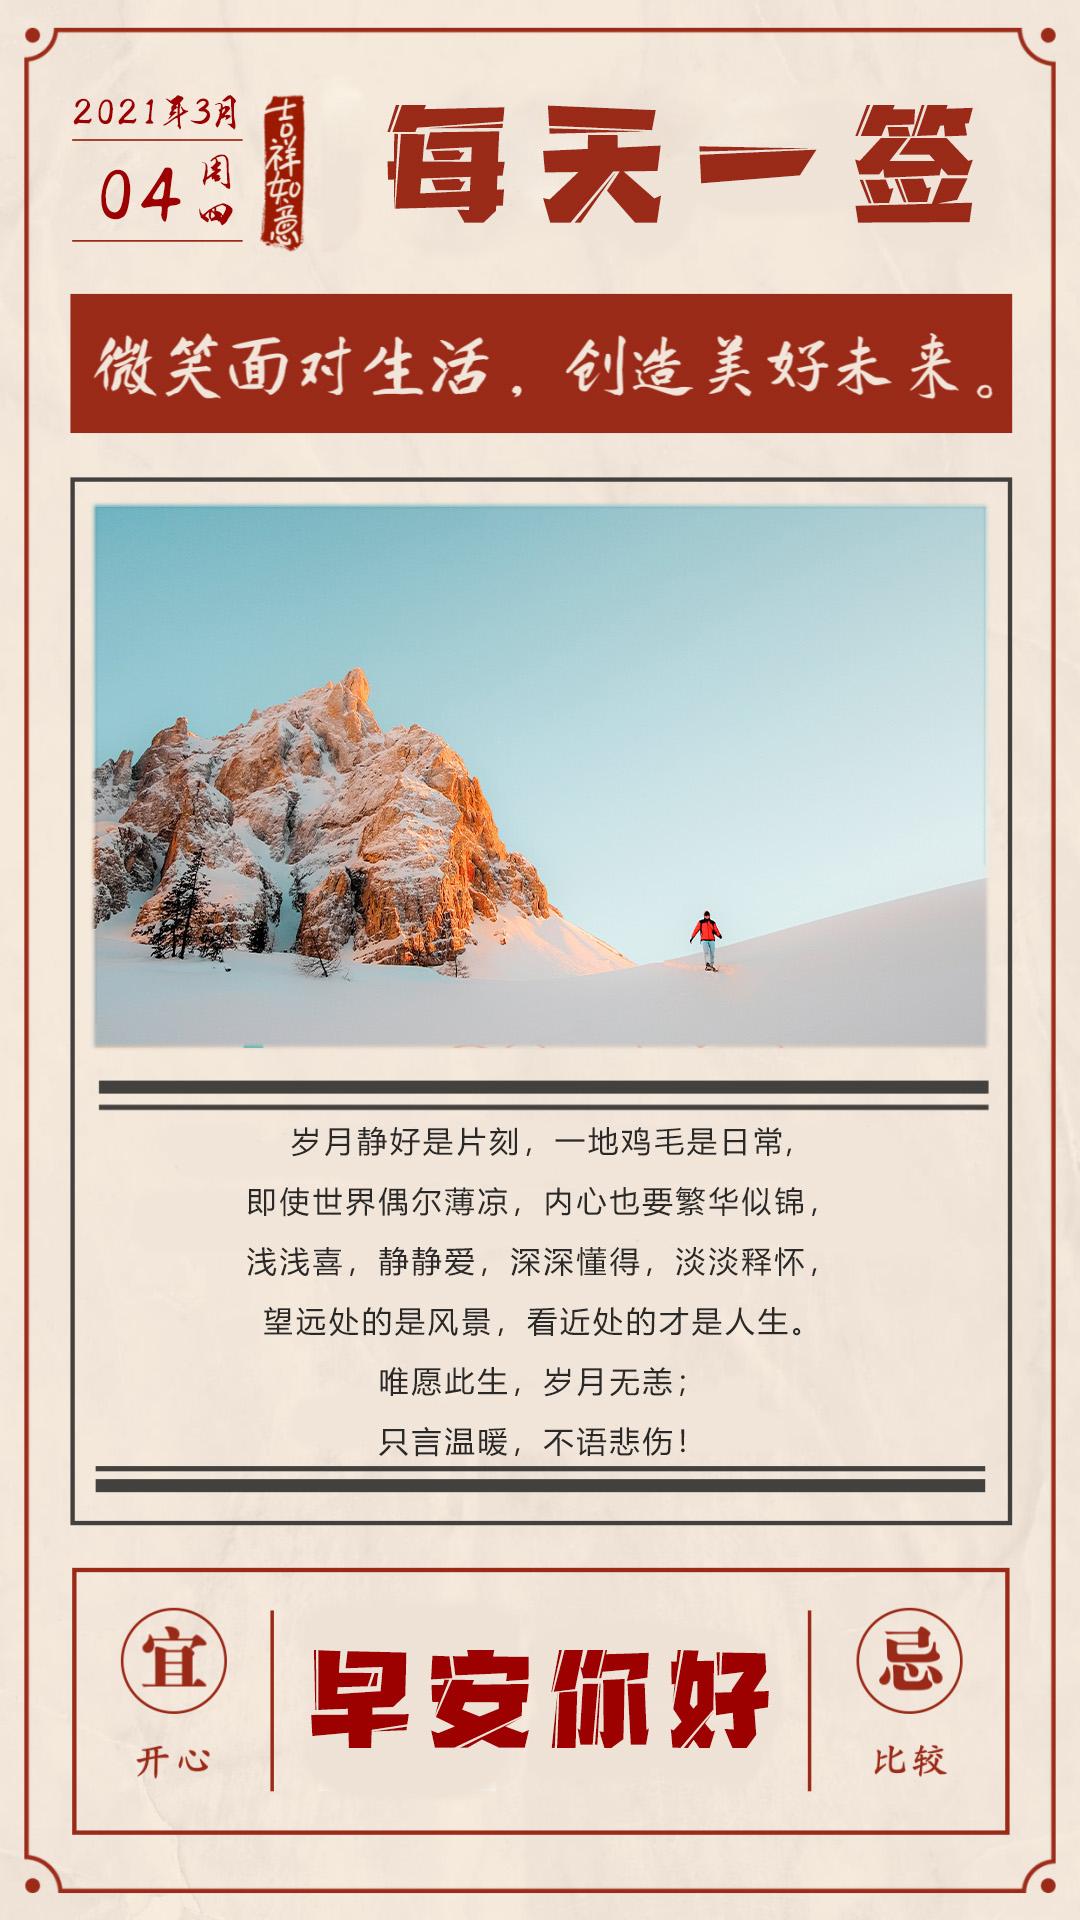 正能量早安图片带字,早安心语阳光励志语录句子